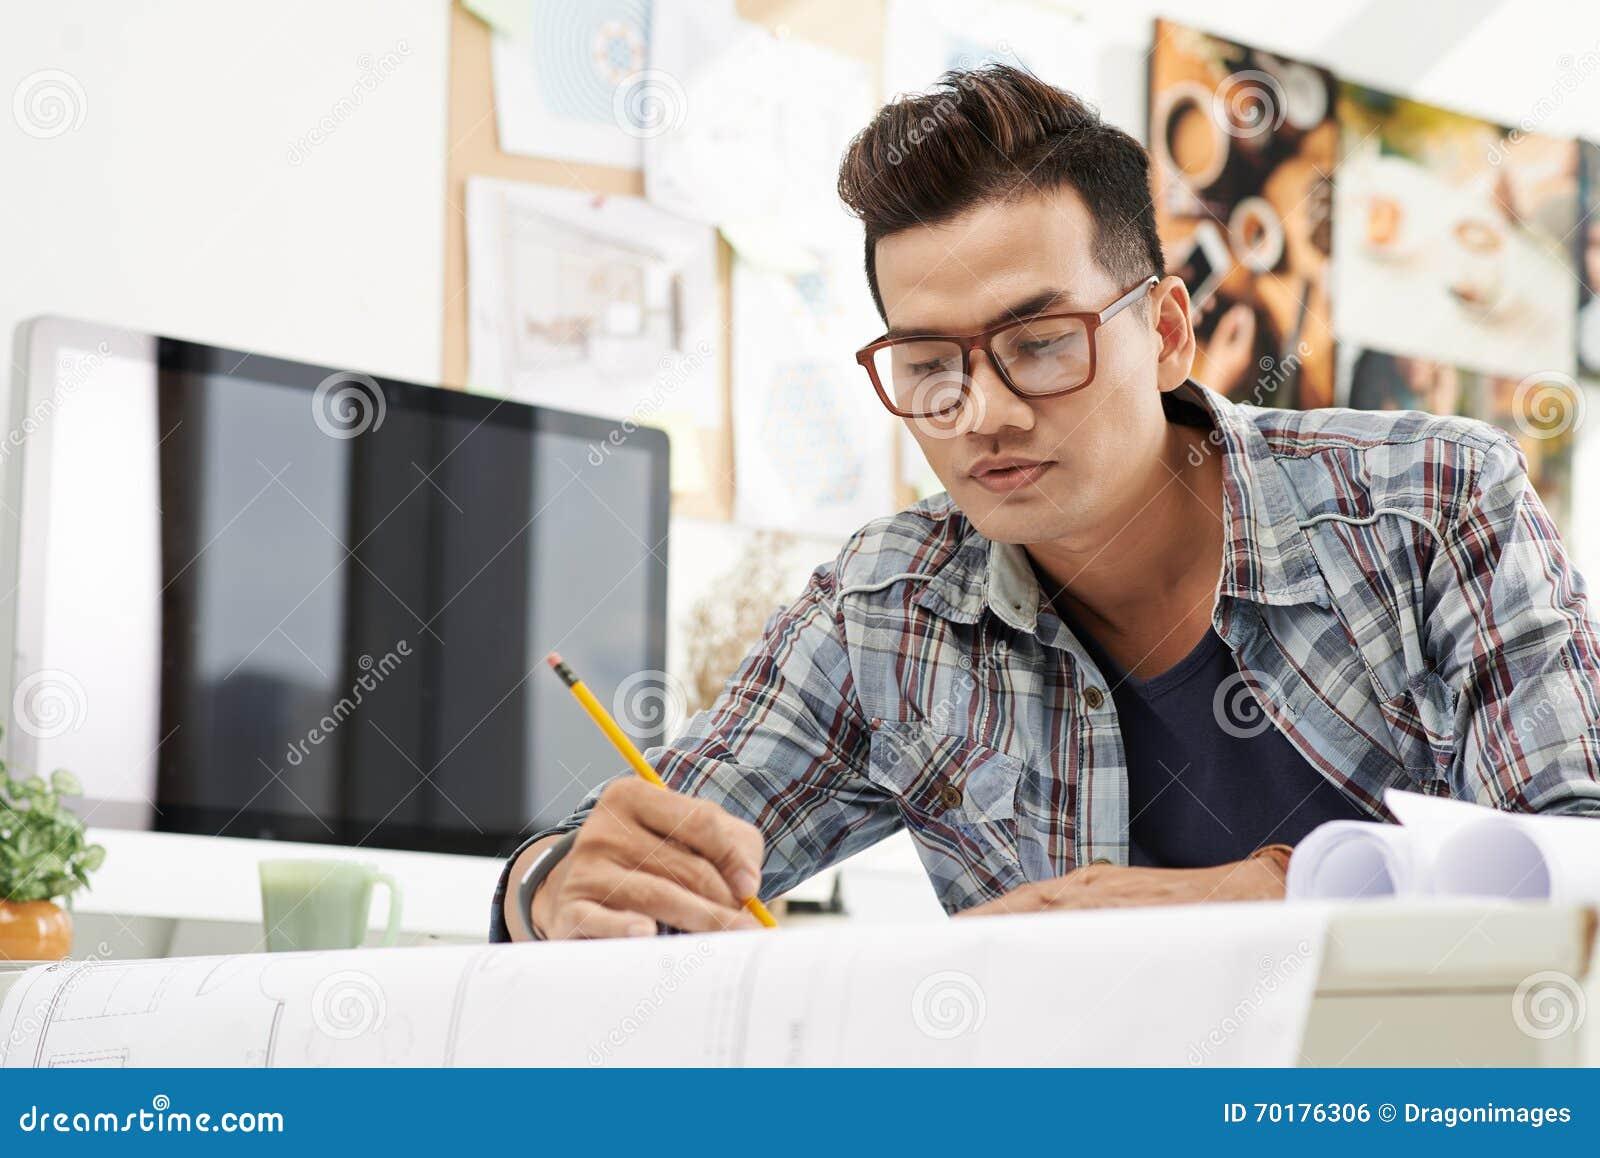 Koncentrerat på arbete